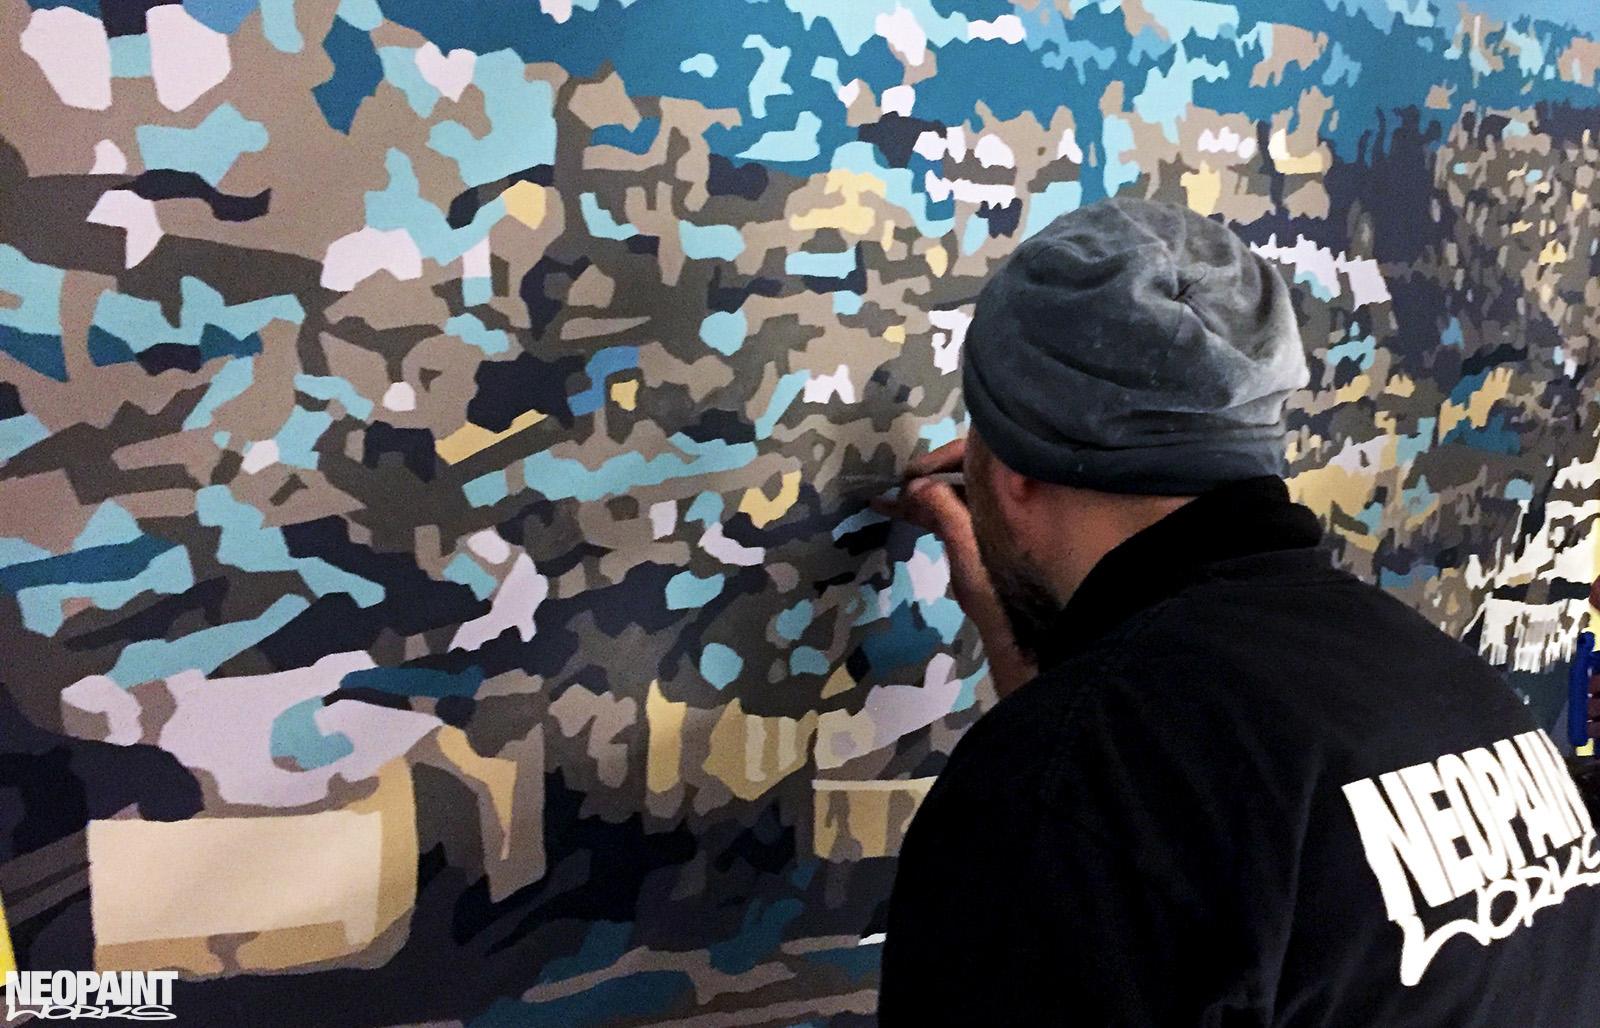 neopaint works - dekorációs falfestés - graffiti - faldekor - budapest (2)